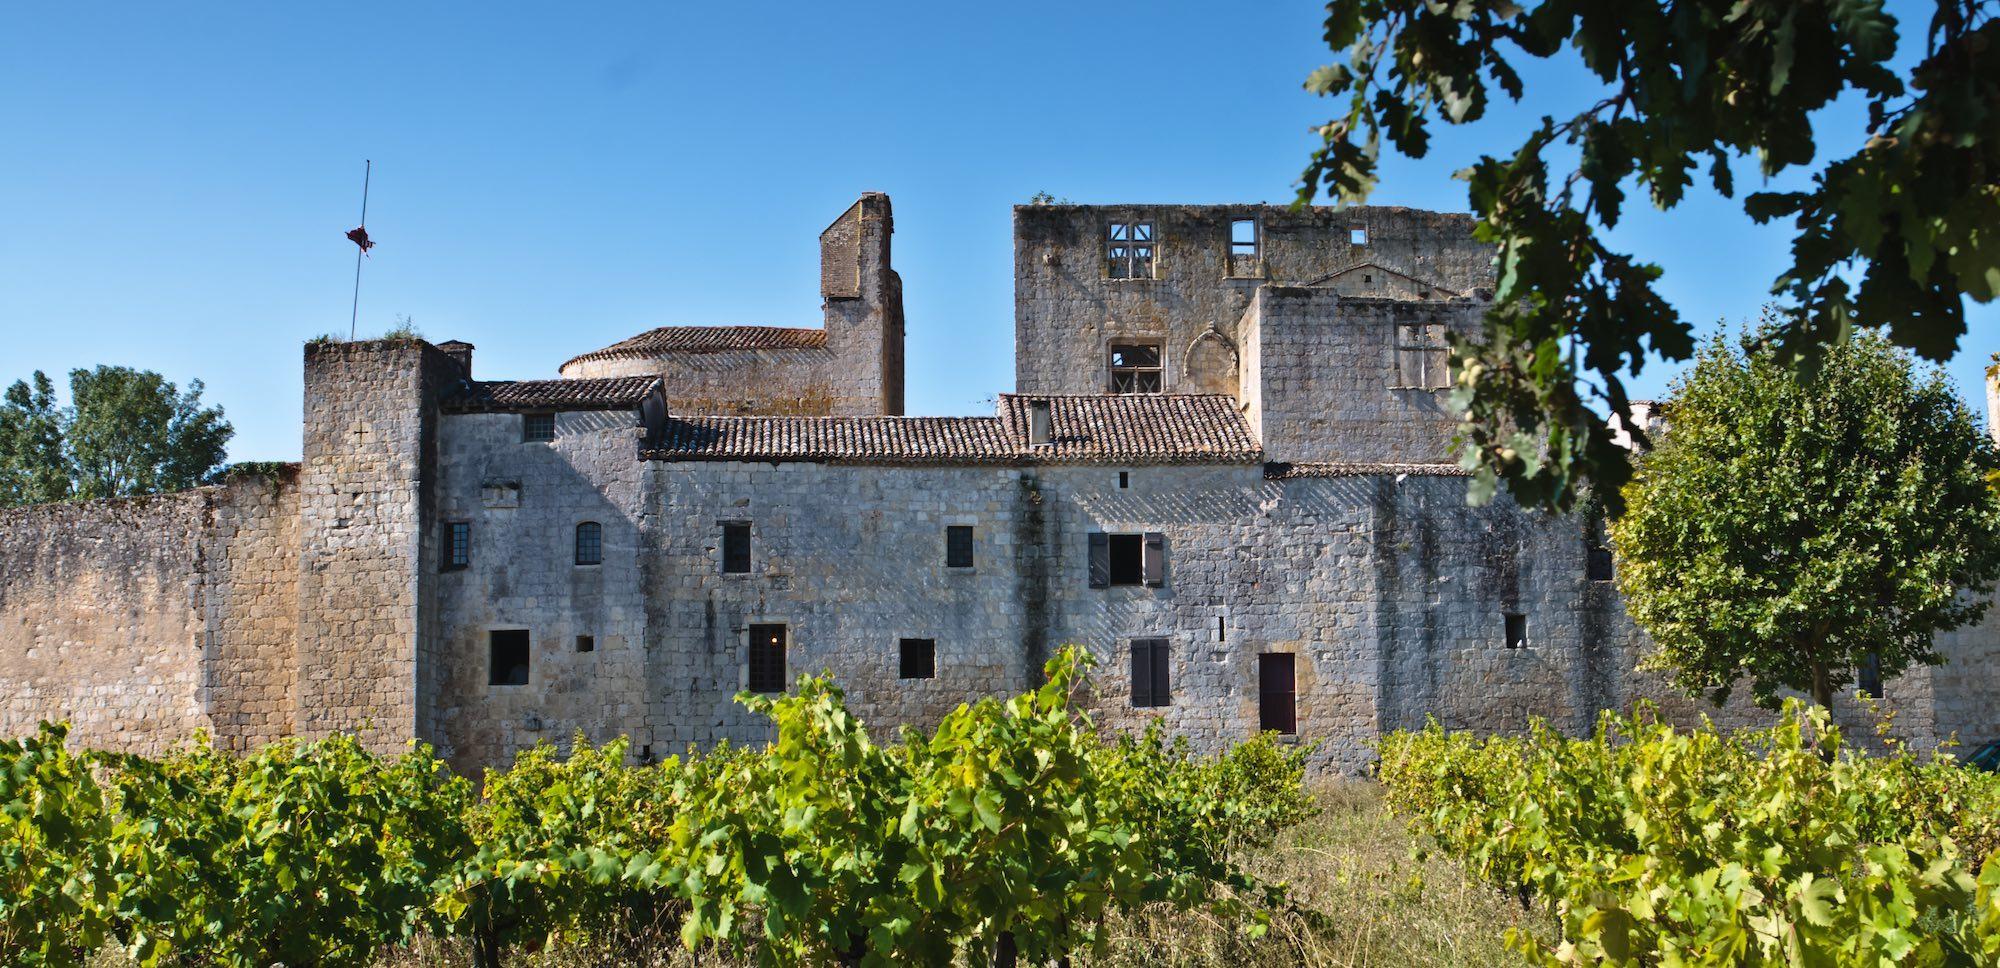 château laressingle jeune confort luxe 2000x960 - Gers - Château de Guirauton